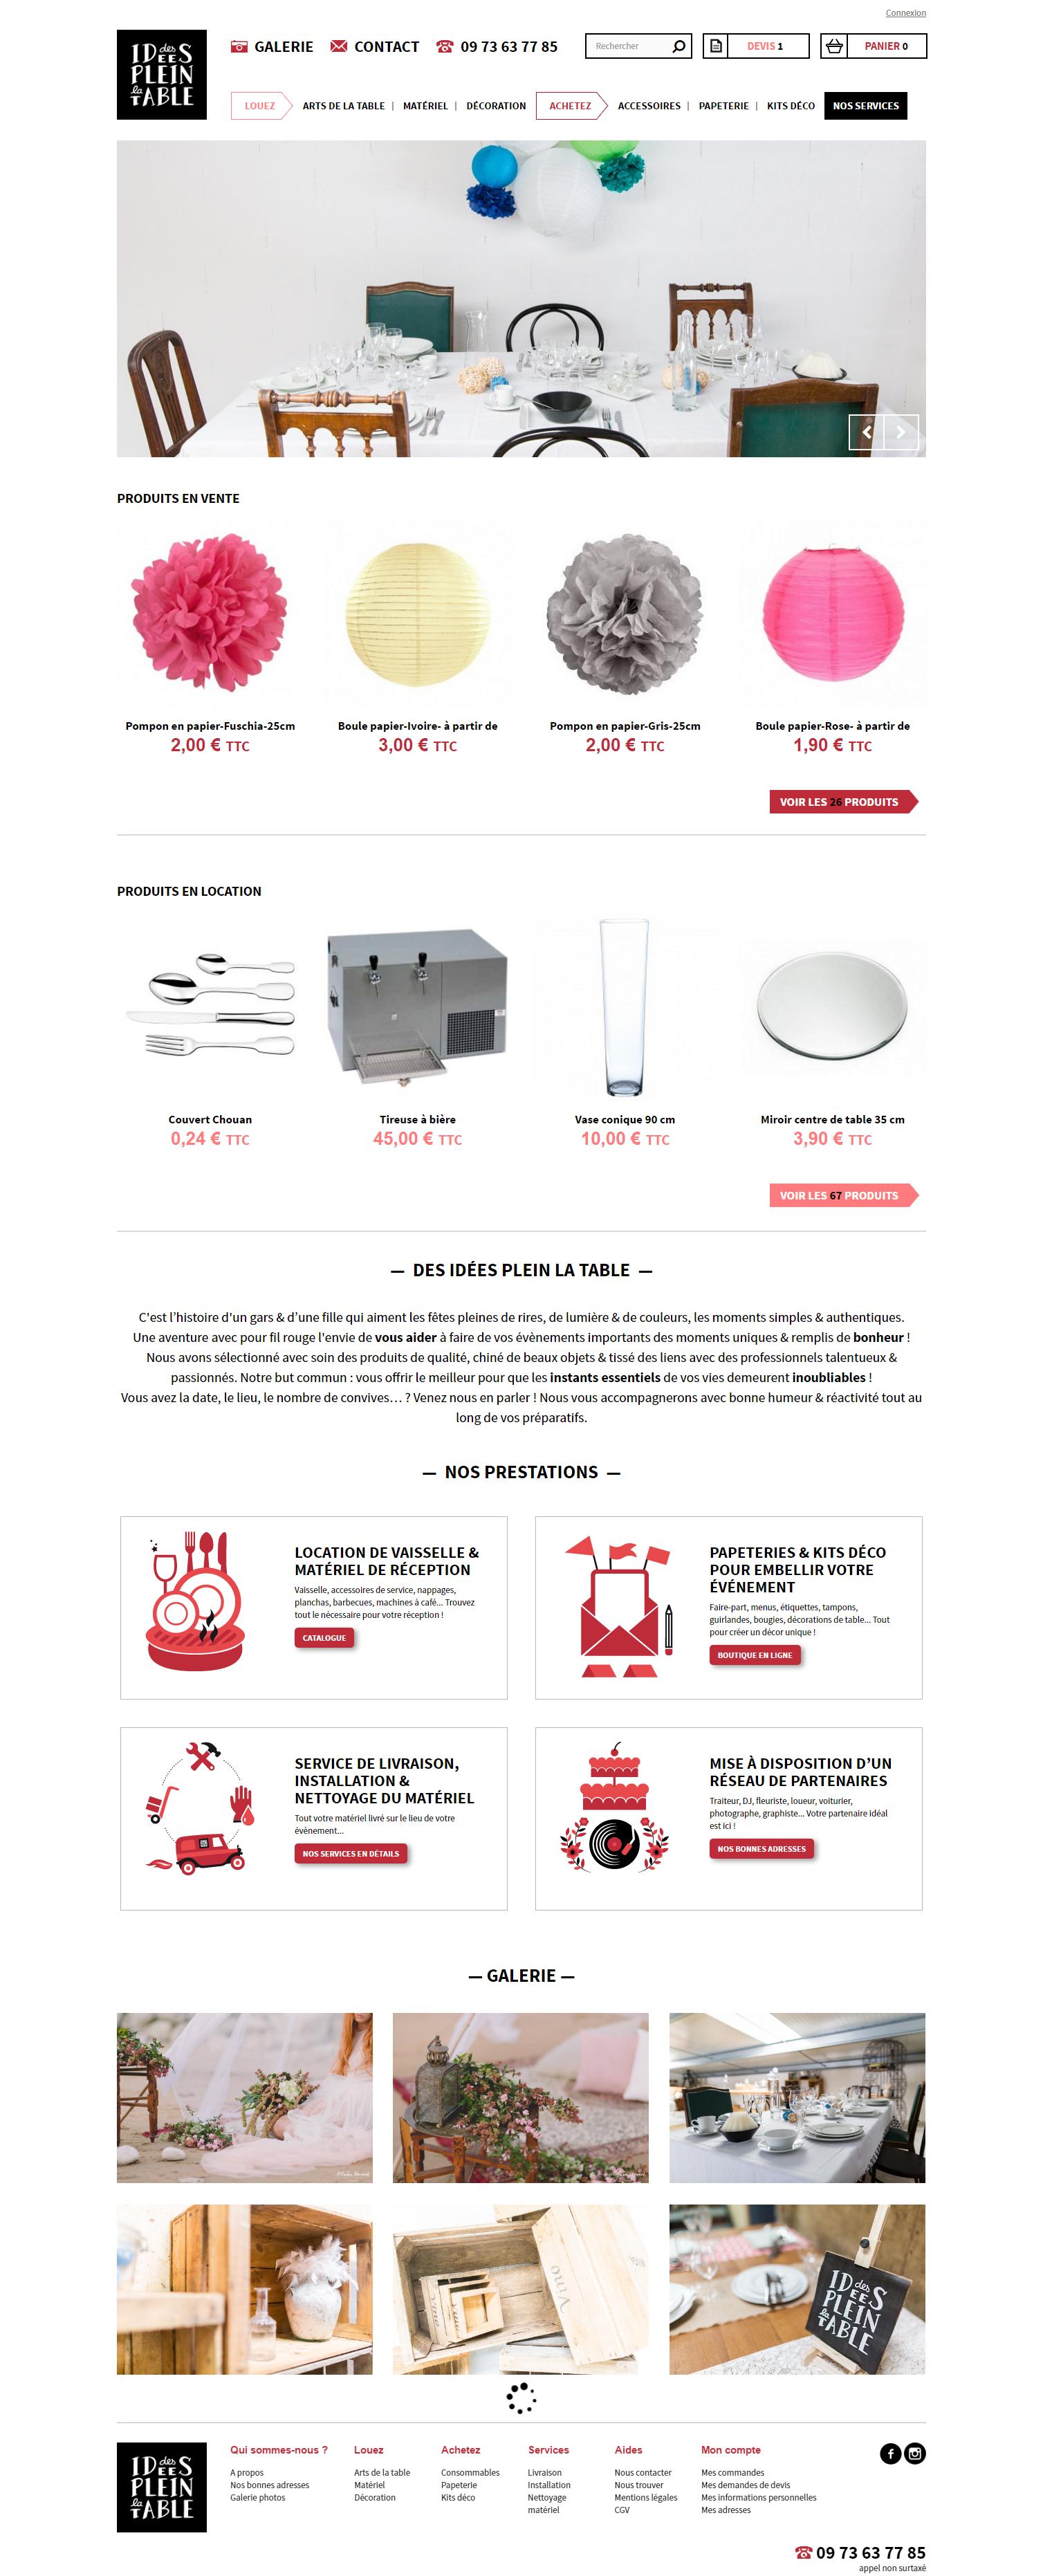 Des idees plein la table - site web - home